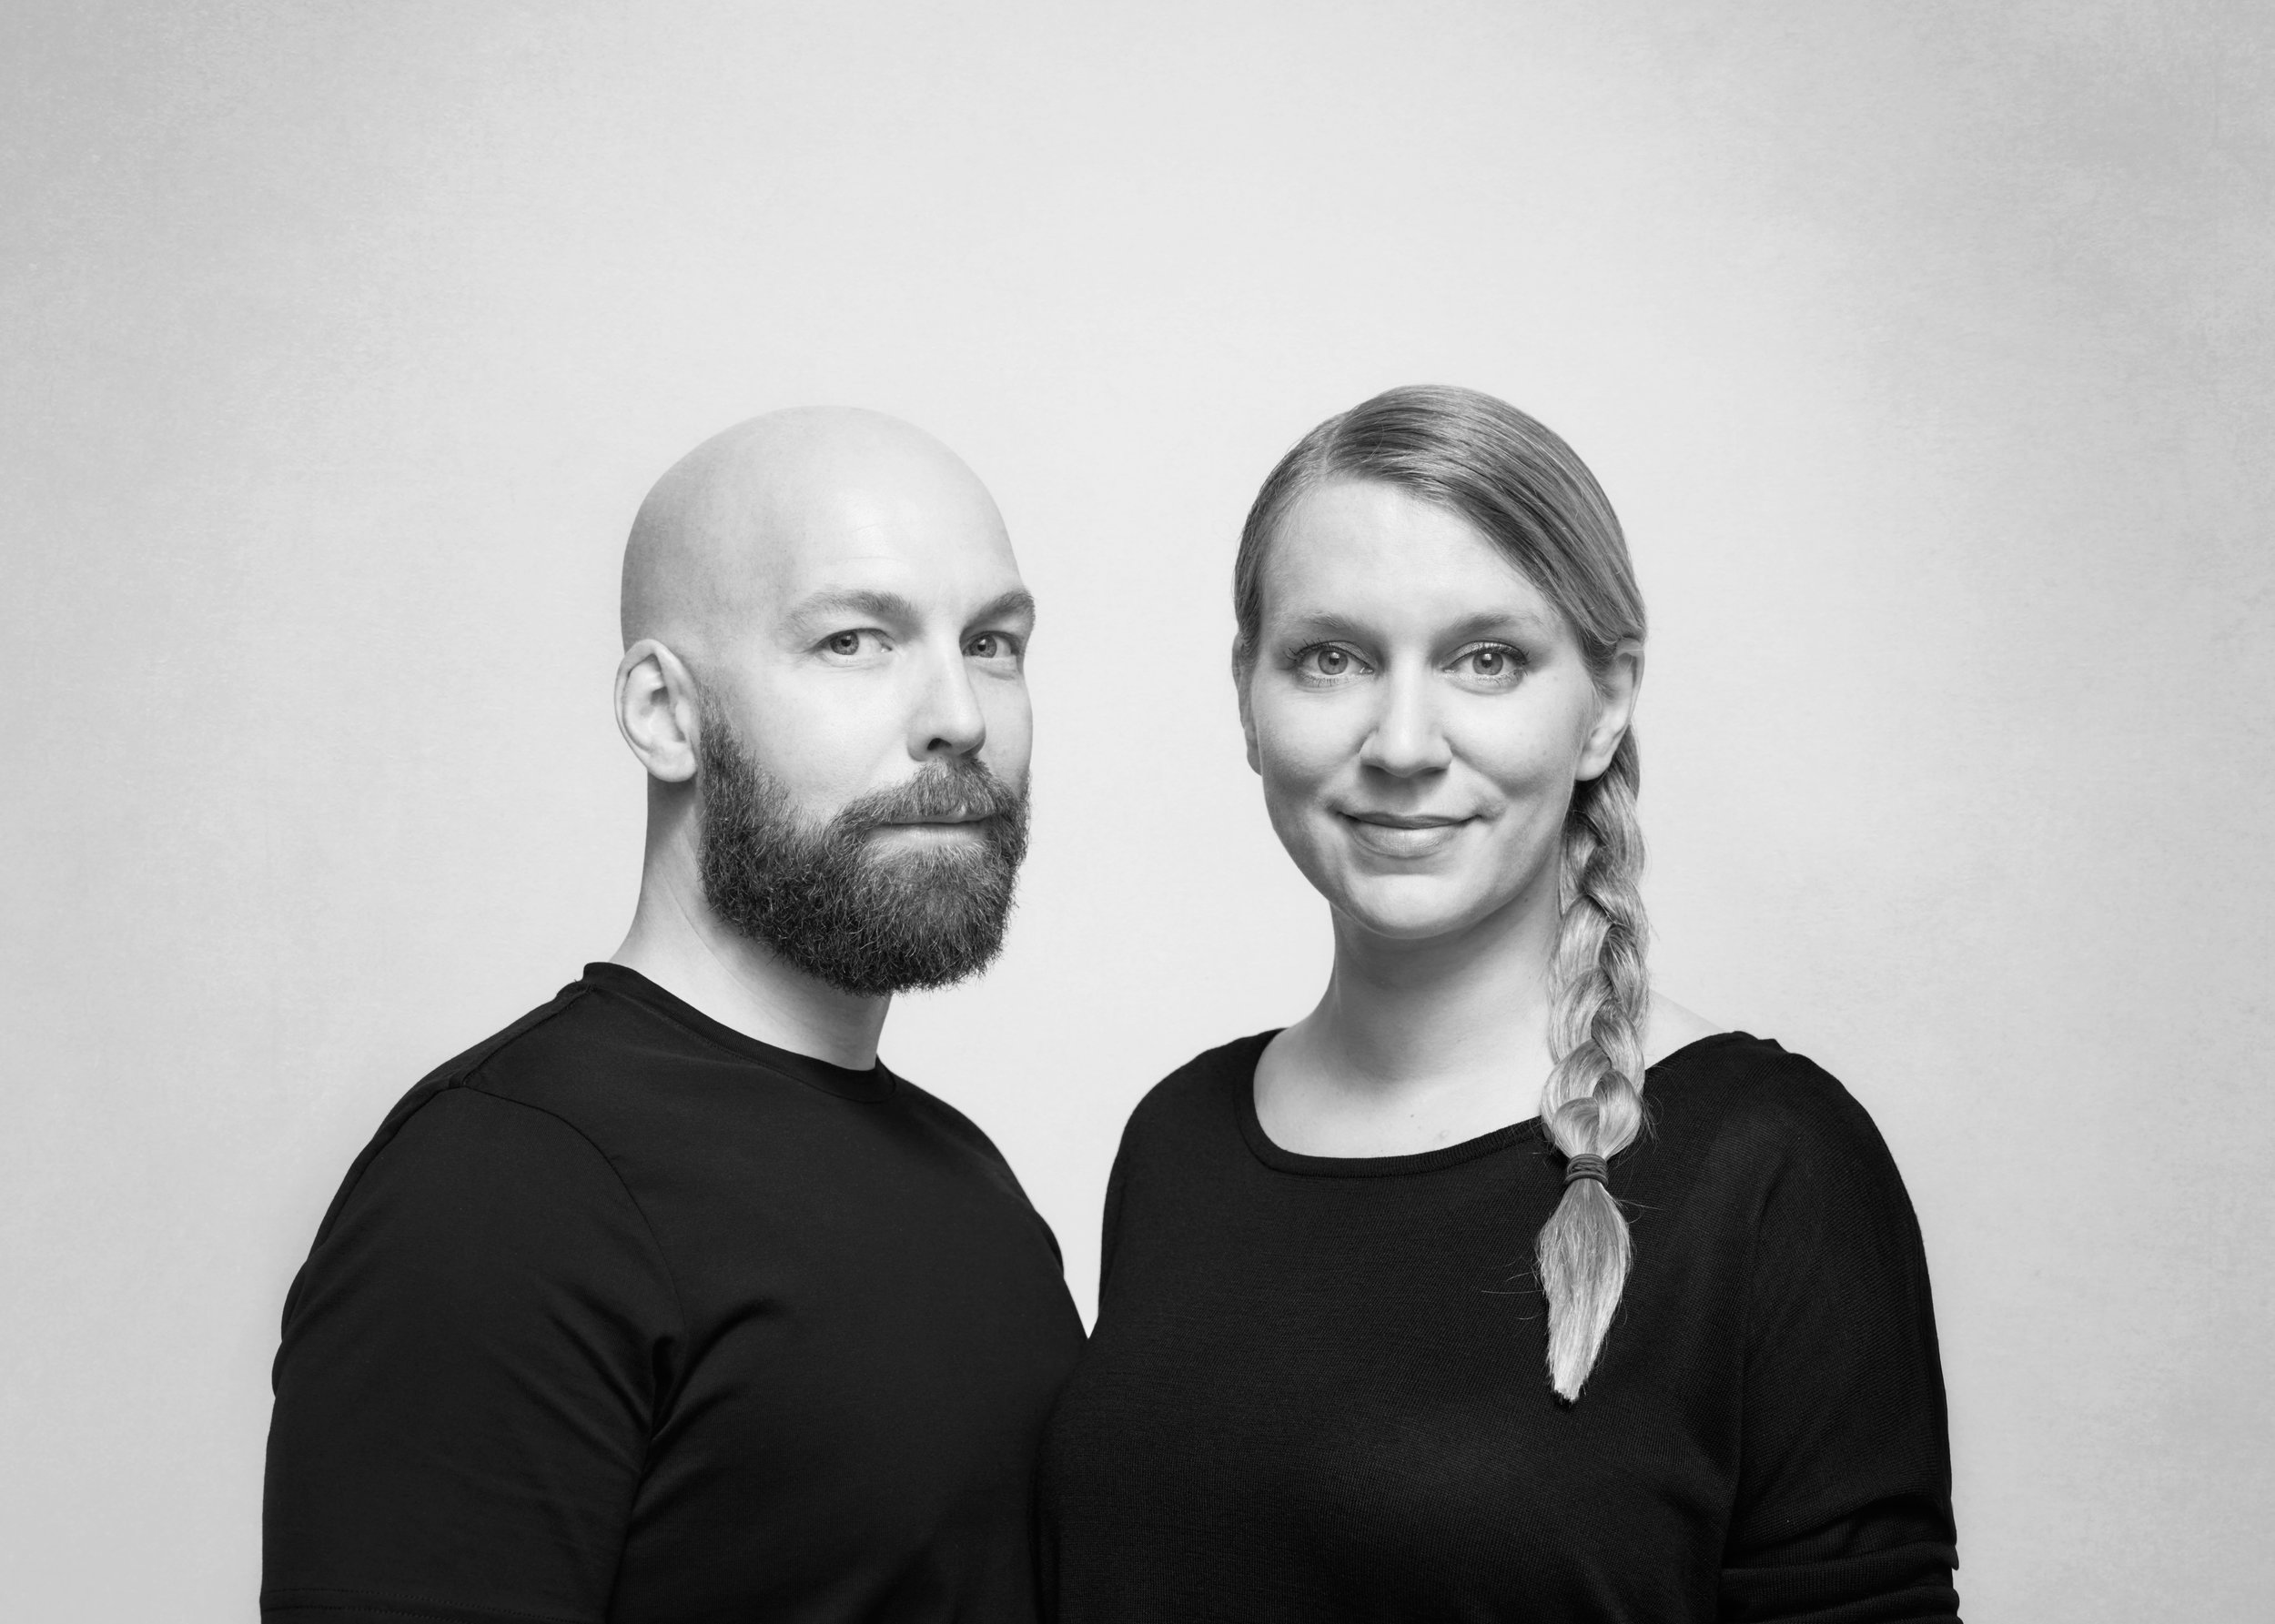 Kauppi & Kauppi - Kauppi & Kauppi är en designerduo med rötter i norra och södra Sverige. Johan och Nina har båda en Magisterexamen från Högskolan för Design och Konsthantverk vid Göteborgs Universitet. 2016 etablerades den gemensamma studion Kauppi & Kauppi i Sverige, efter några år utomlands i New York och Frankfurt.Designstudion förhåller sig till design och kommunikation i alla skalor, från rumsliga projekt till taktila objekt i handens skala. I projekten löper intresset av att skapa kollektioner och strategiska produktfamiljer som en röd tråd genom deras arbeten. Studions designfilosofi präglas av sökandet efter en avskalad och återhållsam design, och ett högtidlighållande av de adderade värden som gör projekt unika och genuina. Inspirationen hittas ofta i kontrasterna, mellan norr och söder och i dynamiken mellan rofylld natur och pulserande stad.Kauppi & Kauppi´s designmetod är utpräglat adaptiv och anpassas beroende på kontext, uppgift och samarbetspartners. Den speciella kreativa dynamik som uppstår i nära och engagerade samarbeten värderas högt, eftersom bra processer ger bra resultat. Oavsett projekt finns ett par viktiga frågor som de alltid bär med sig: - Vad bidrar vår design med, och vad rättfärdigar den?Kauppi & Kauppi har vunnit flera prestigefulla internationella priser såsom Archiproducts Design Award, Muuuz International Award och en handfull German Design Award, för att nämna några av deras hedrande utmärkelser.ProdukterPathfinder pollare Pathfinder Tak Pathfinder vägg